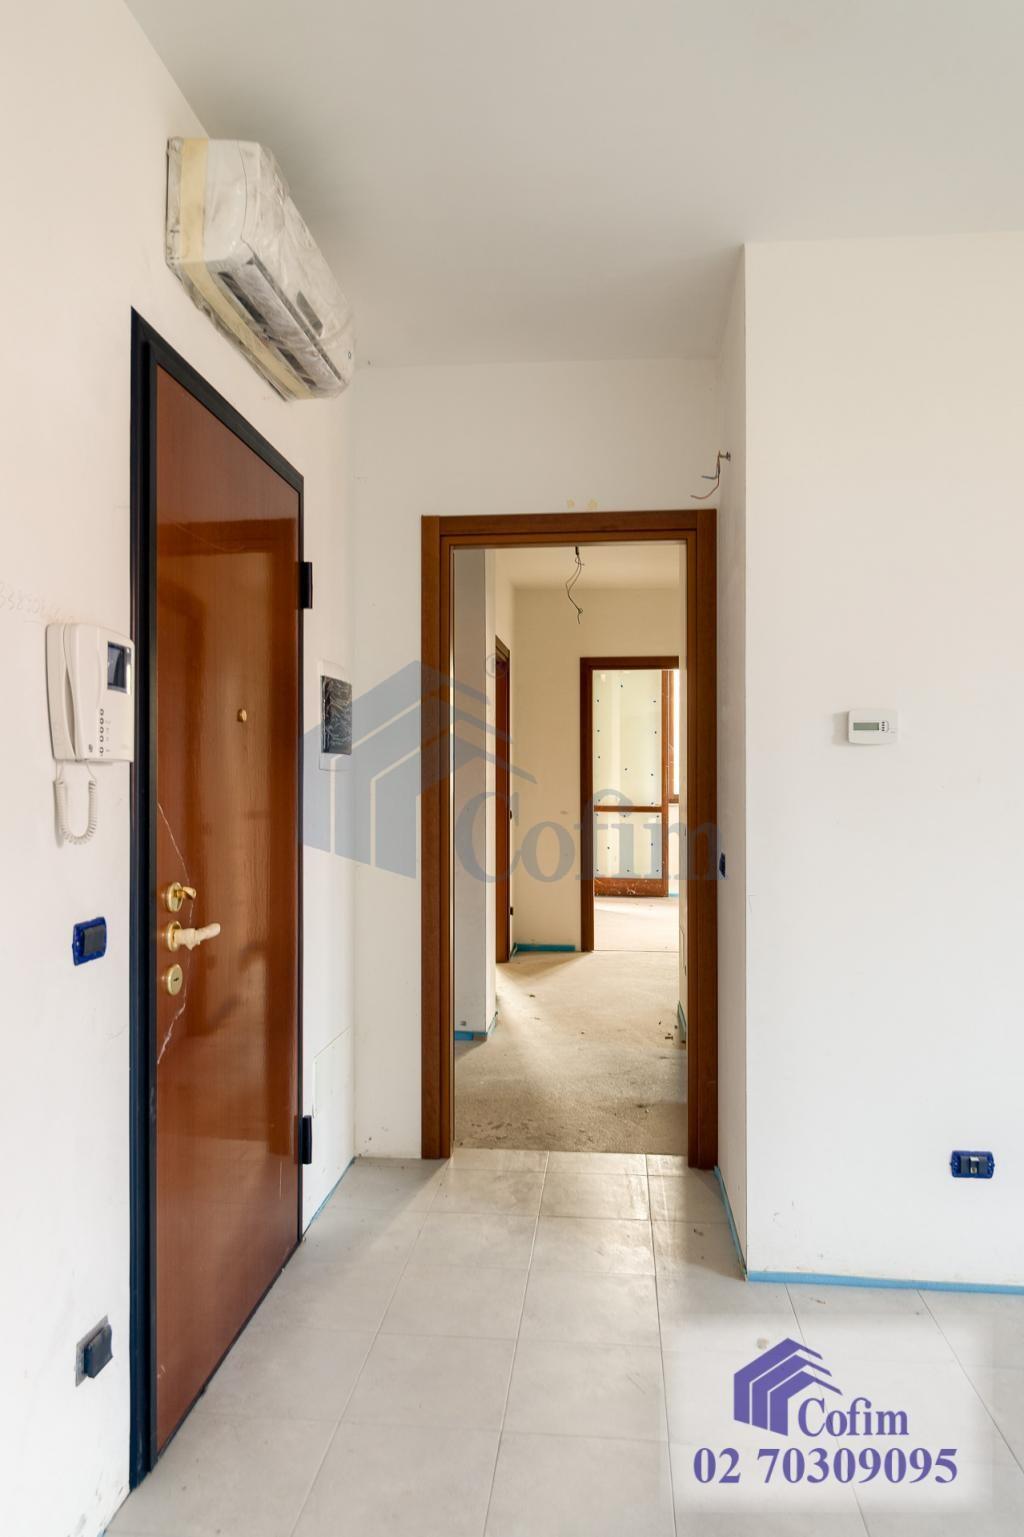 Trilocale ampio e luminoso in nuova costruzione a   San Bovio (Peschiera Borromeo) - in Vendita - 12